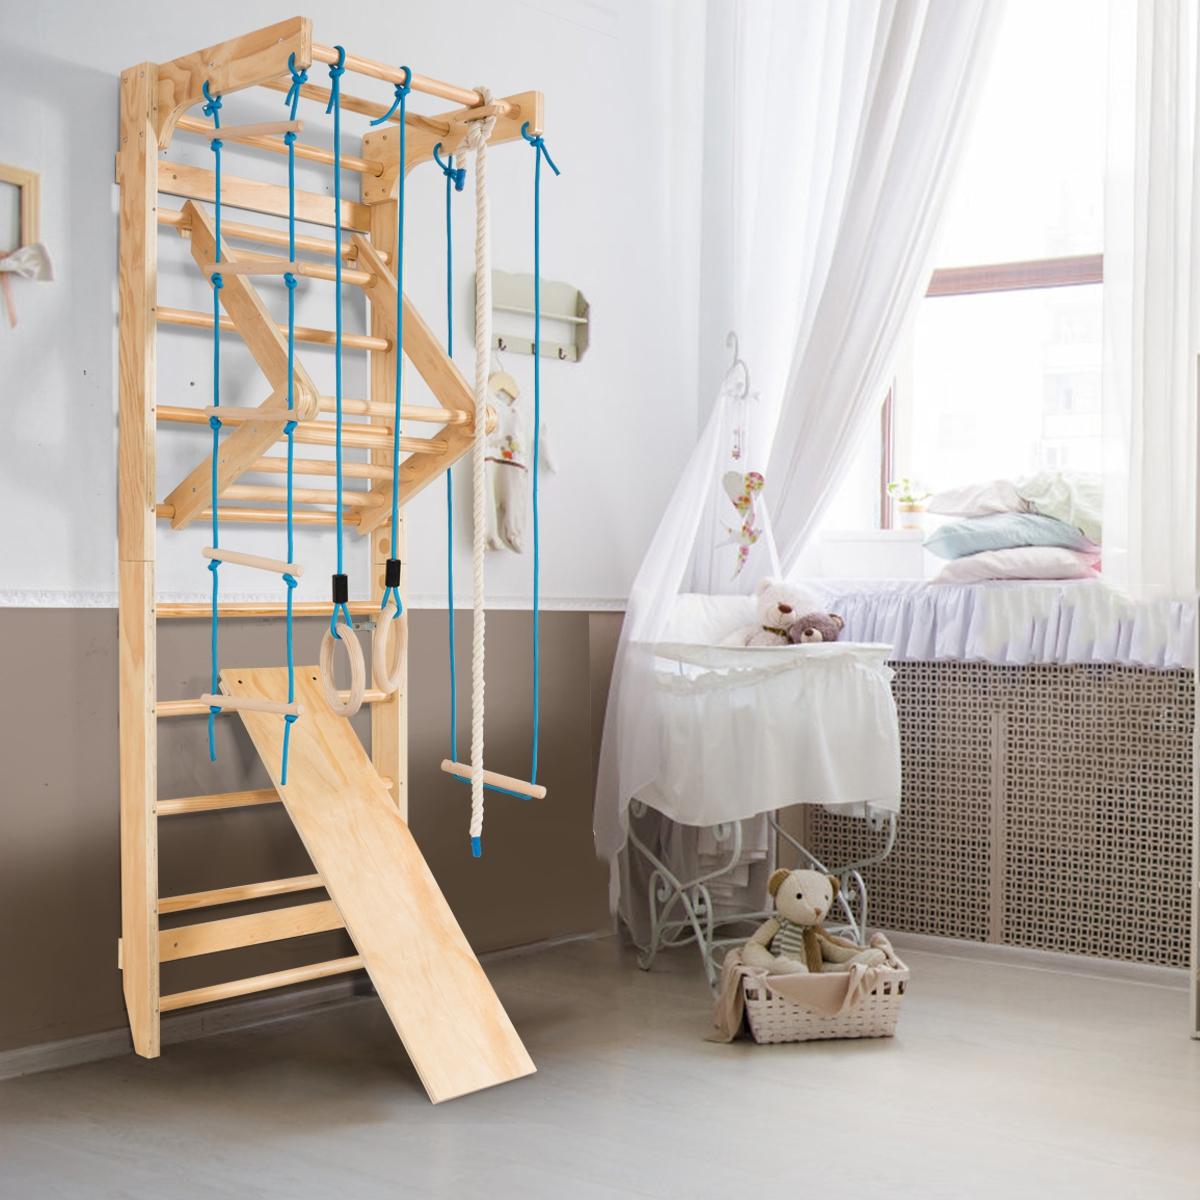 Espalderas Escalera de Gimnasia de Madera Ideal para Niños adultos y ancianos para Elongación Muscular y Alivio Dolor para Casa Gimnasio Jardí